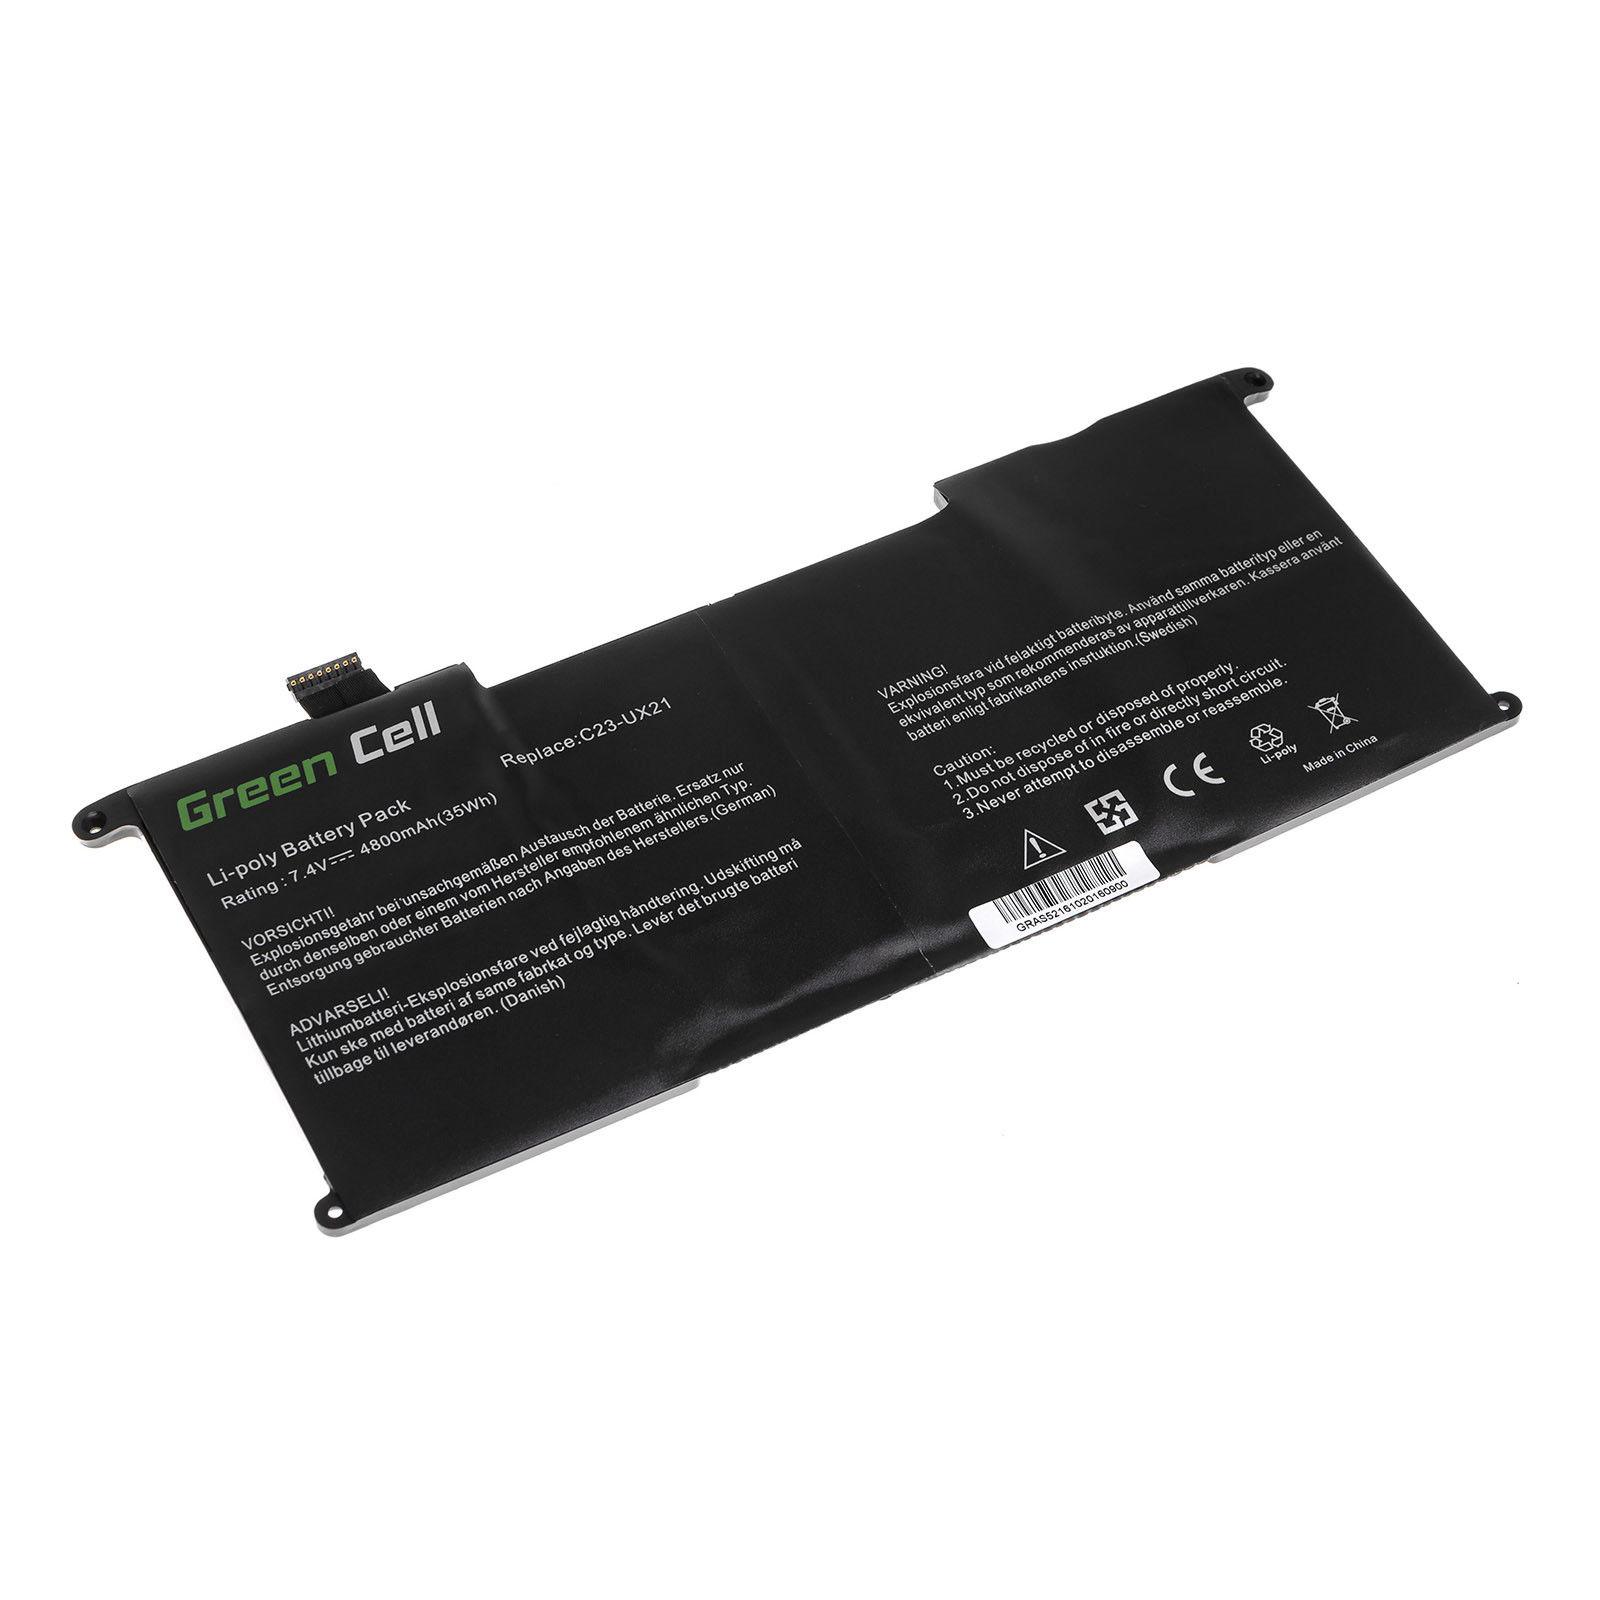 akku für Asus UX21 Ultrabook UX21 UX21A UX21E UX21E-DH52 C23U (kompatibel)